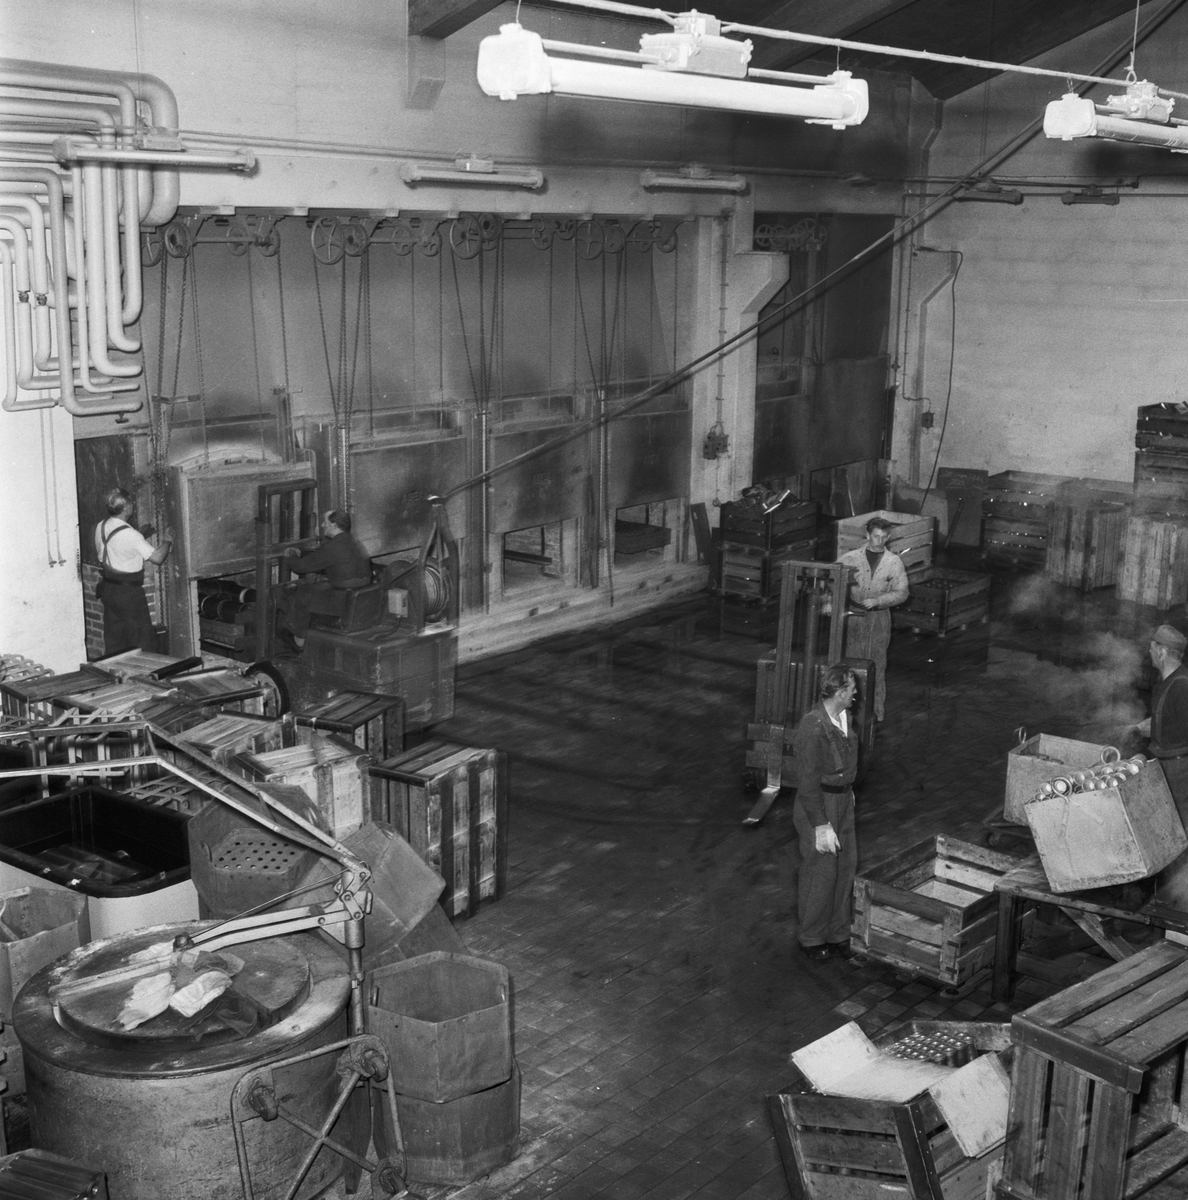 Övrigt: Foto datum: 31/10 1957 Byggnader och kranar Art. verkstan interiör. Närmast identisk bild: V14177, ej skannad